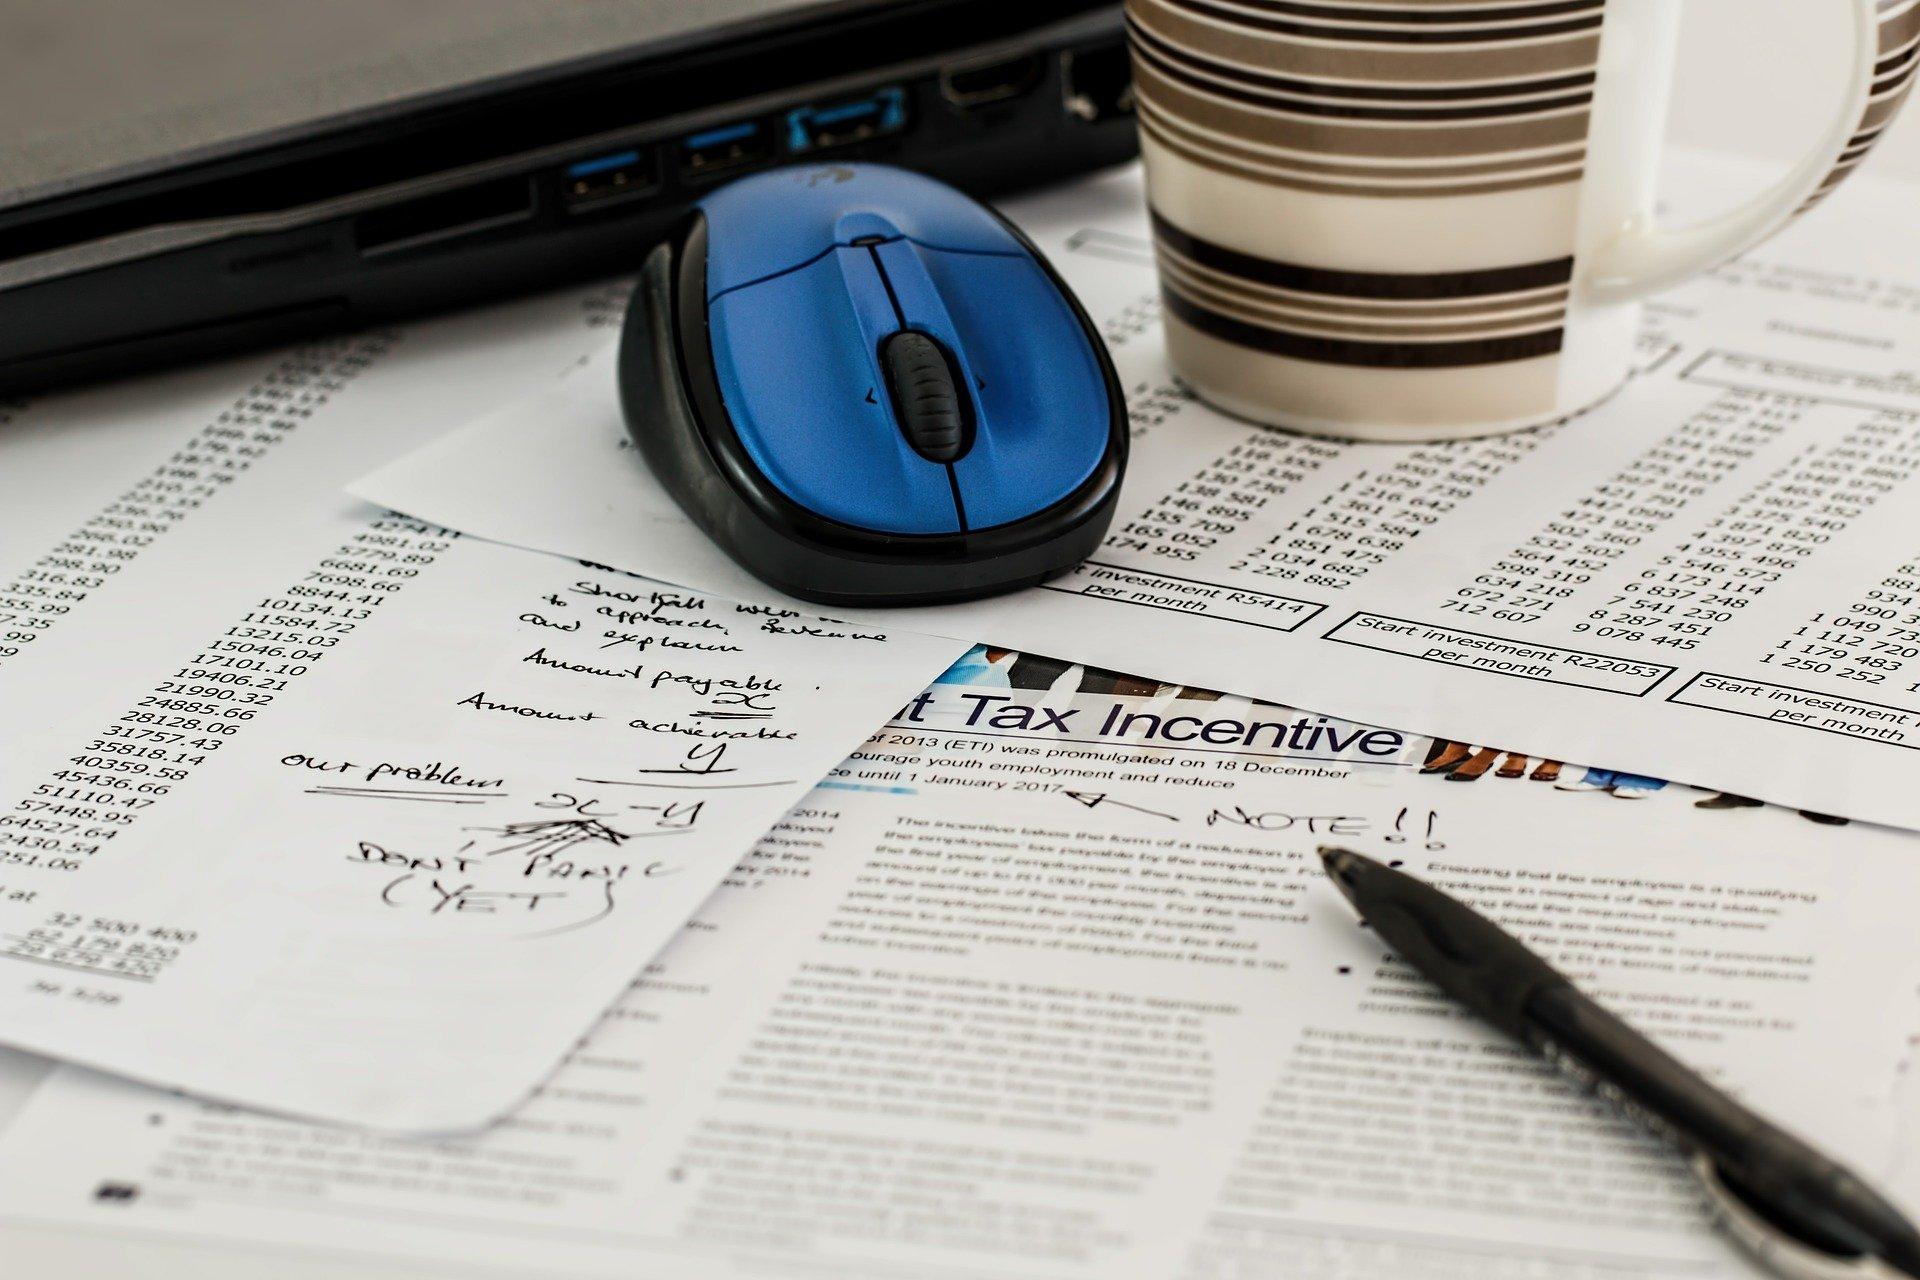 Что важно знать про аккредитацию, чтобы не получить отказ